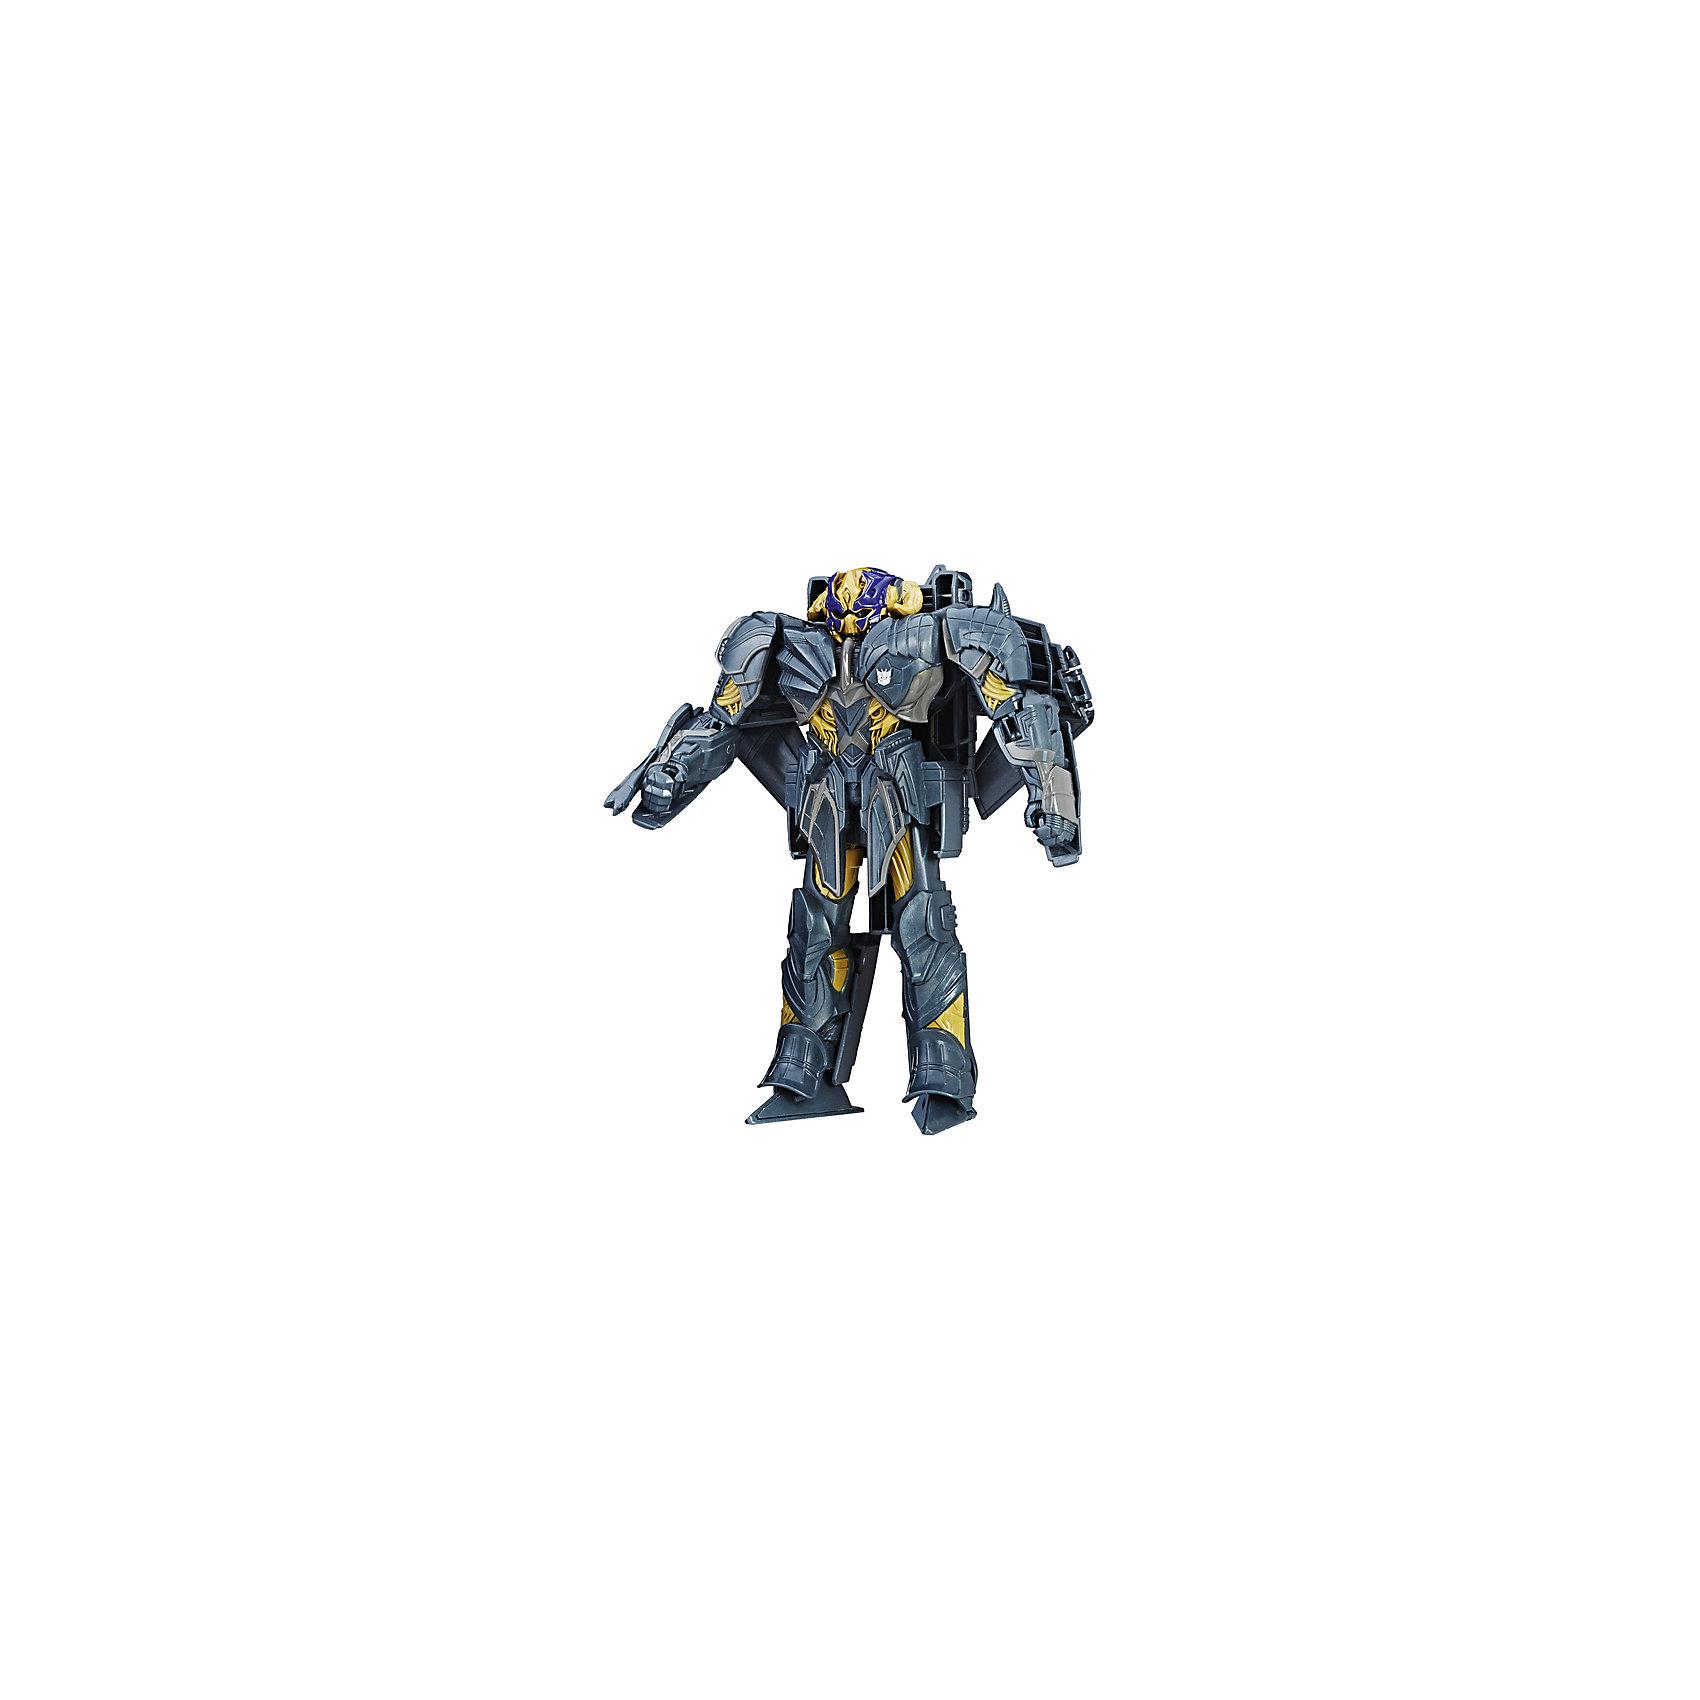 Трансформеры Hasbro Transformers 5 Войны, МегатронТрансформеры-игрушки<br><br><br>Ширина мм: 79<br>Глубина мм: 203<br>Высота мм: 254<br>Вес г: 250<br>Возраст от месяцев: 72<br>Возраст до месяцев: 2147483647<br>Пол: Мужской<br>Возраст: Детский<br>SKU: 7098830